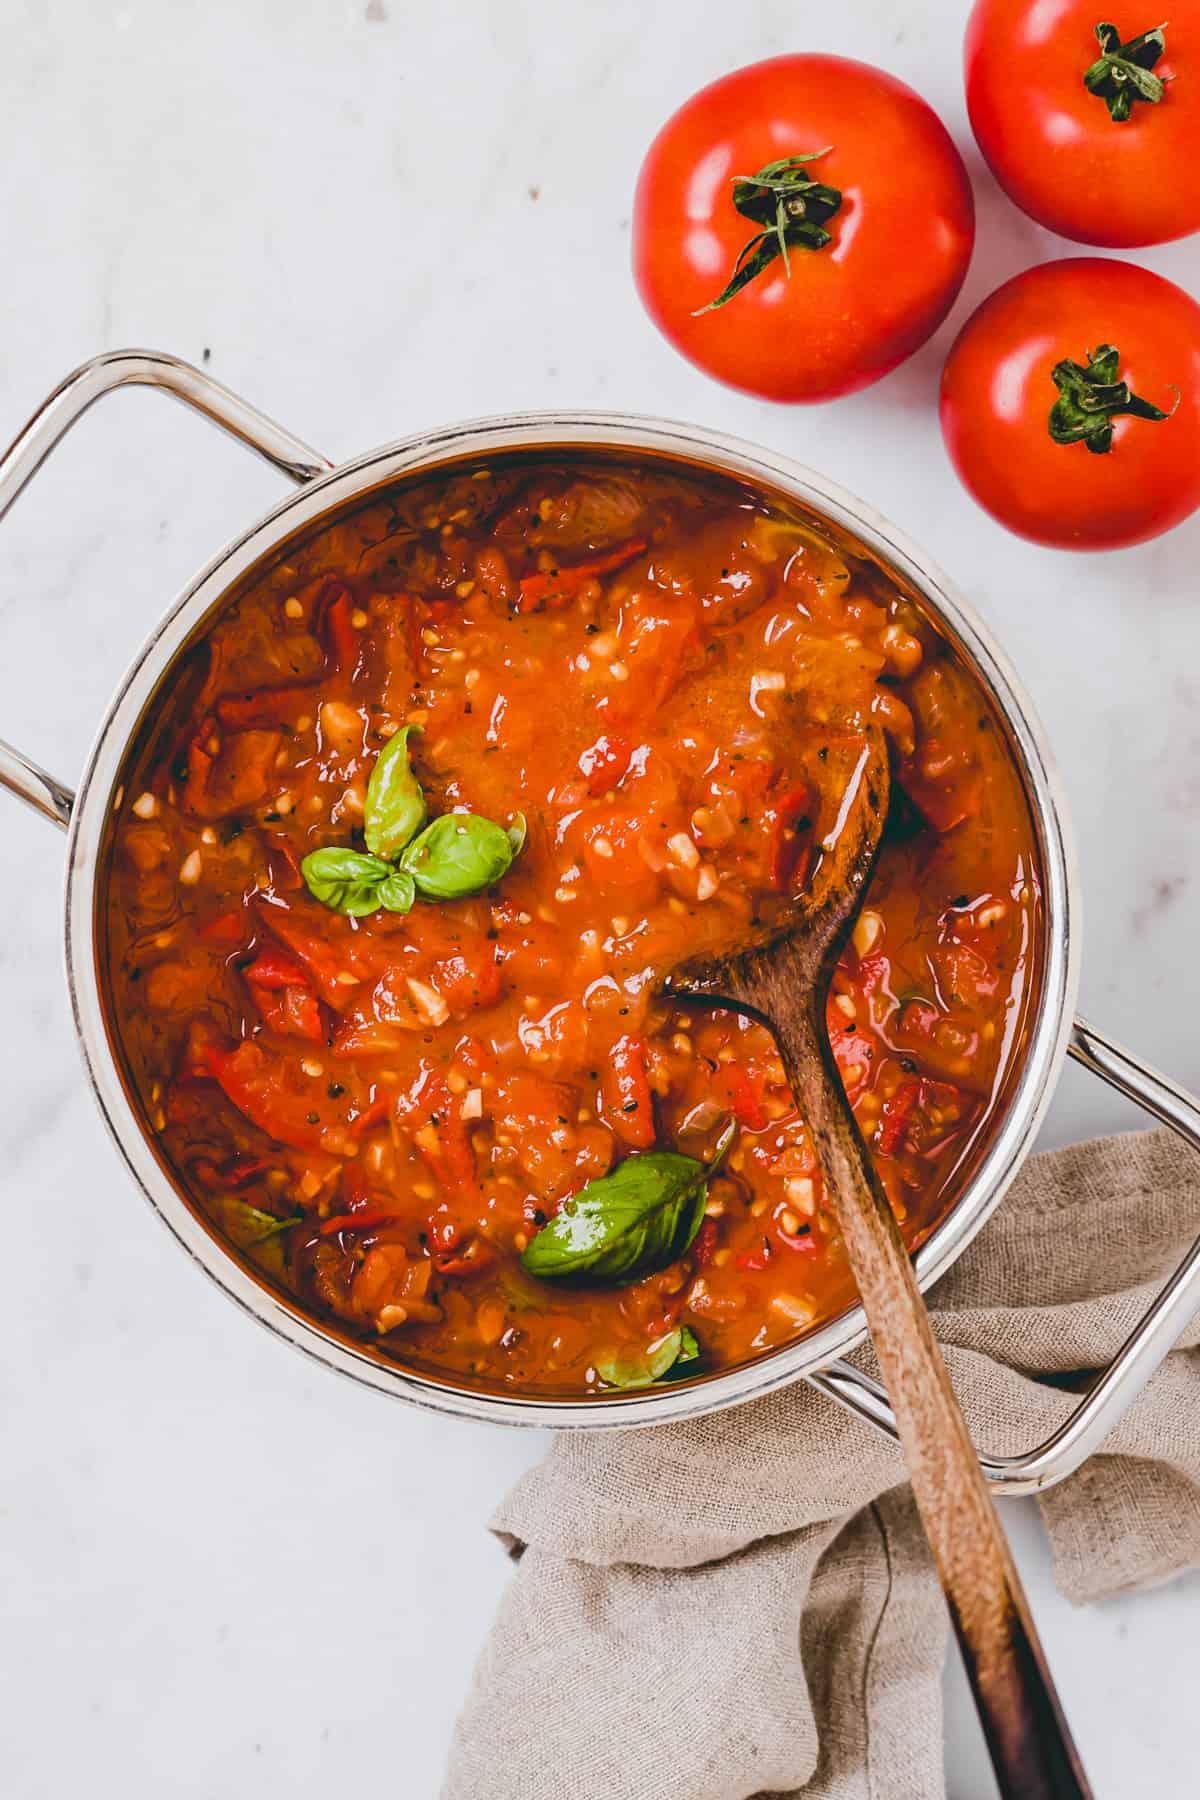 frisch eingekochte tomatensauce in einem topf neben tomaten